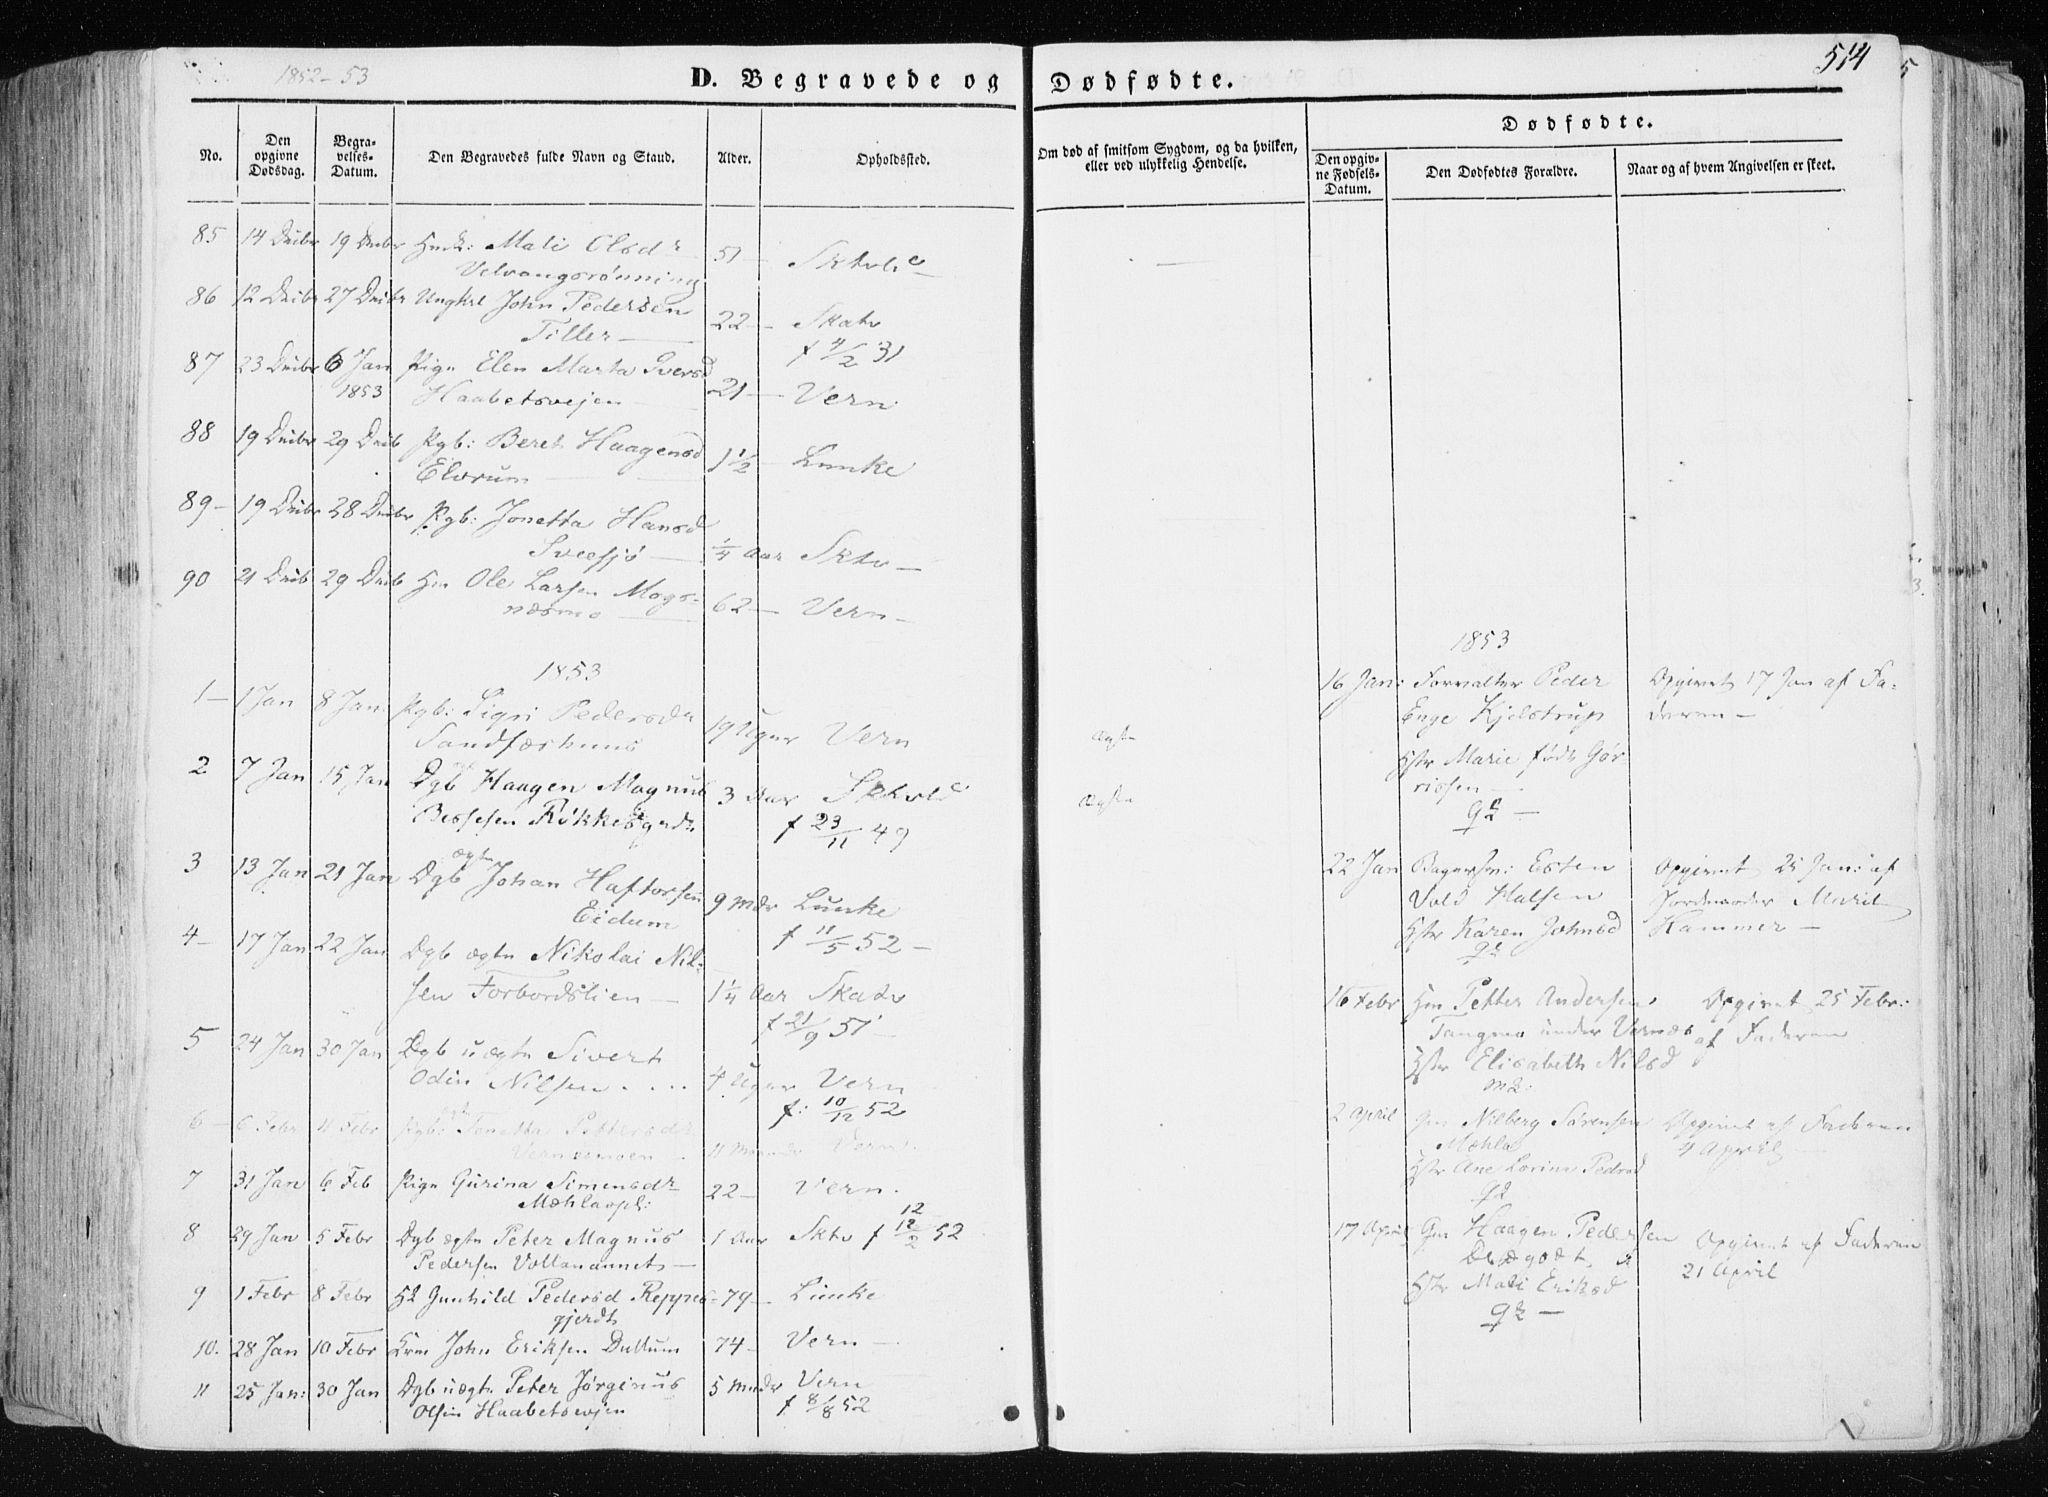 SAT, Ministerialprotokoller, klokkerbøker og fødselsregistre - Nord-Trøndelag, 709/L0074: Ministerialbok nr. 709A14, 1845-1858, s. 514